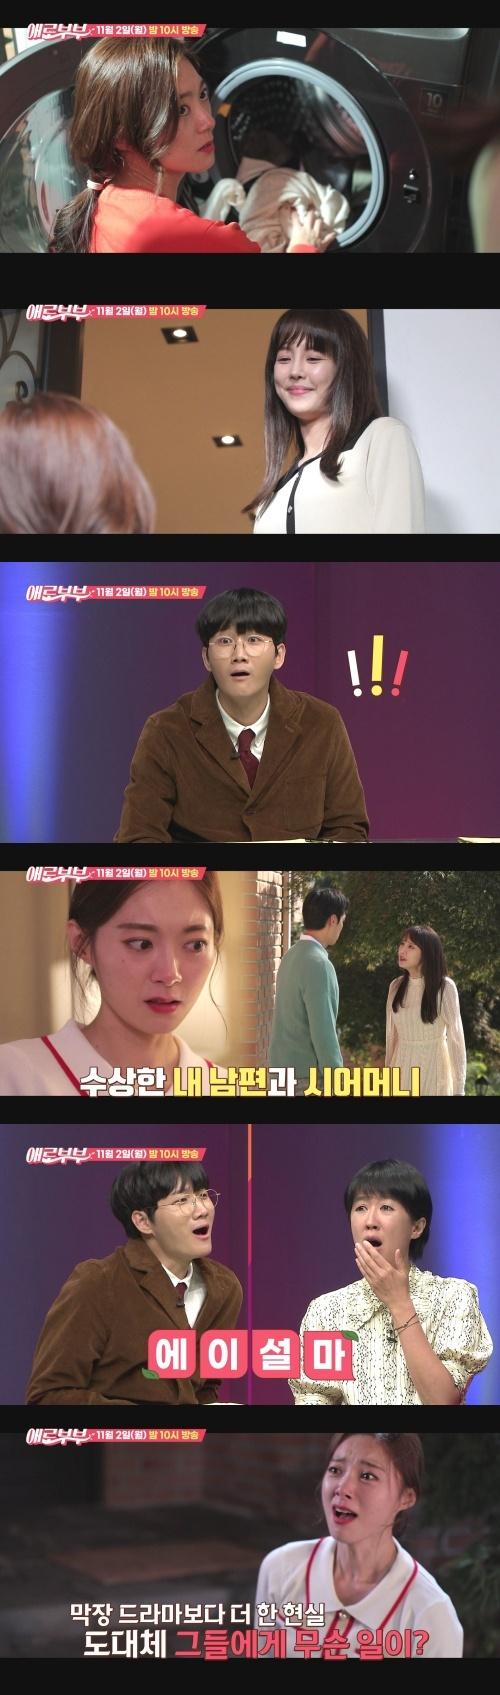 '애로부부' 막장 드라마 뺨치는 '어린 시어머니'의 비밀?